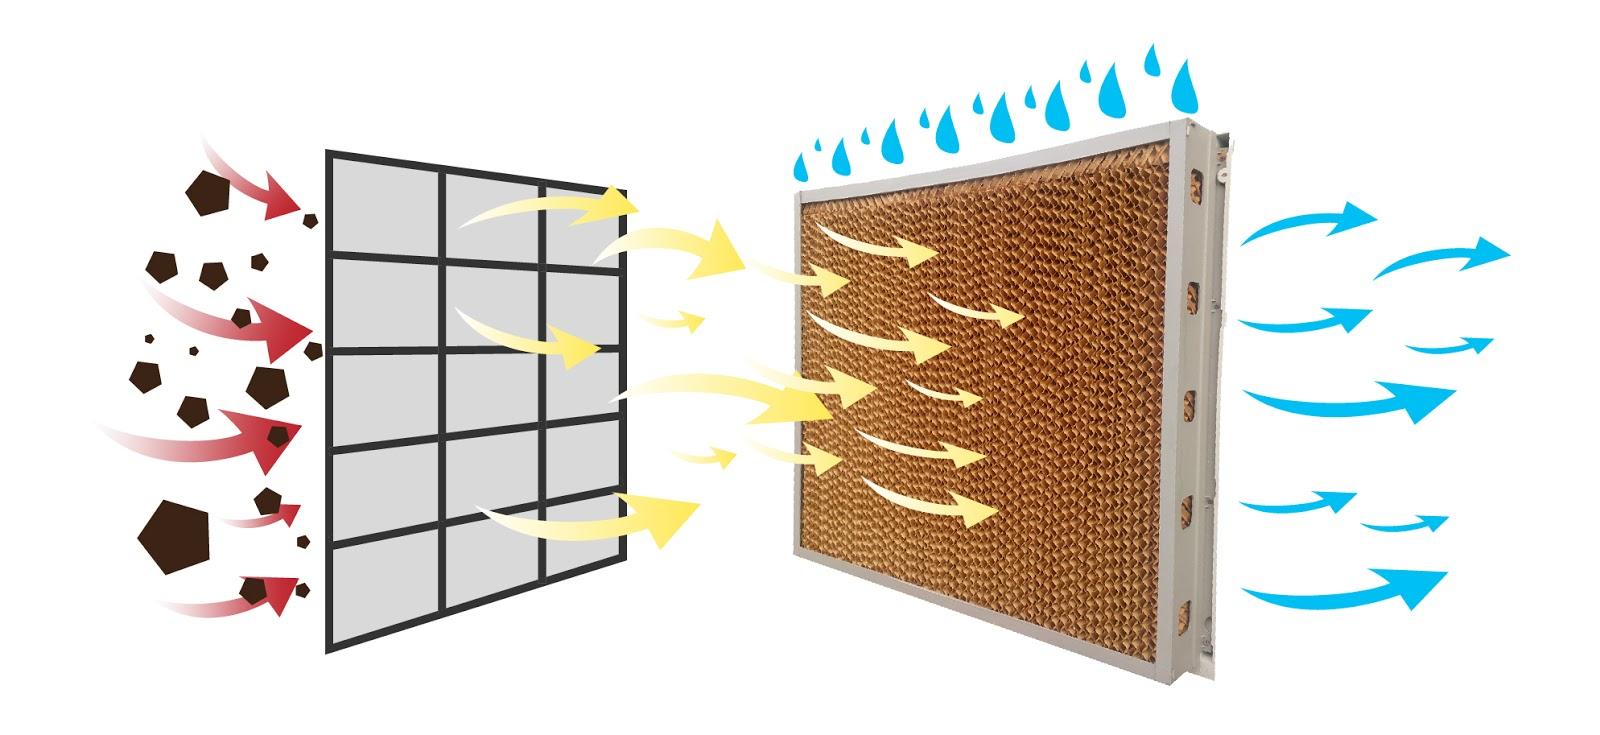 tấm làm mát cooling pad với ưu điểm rất bền